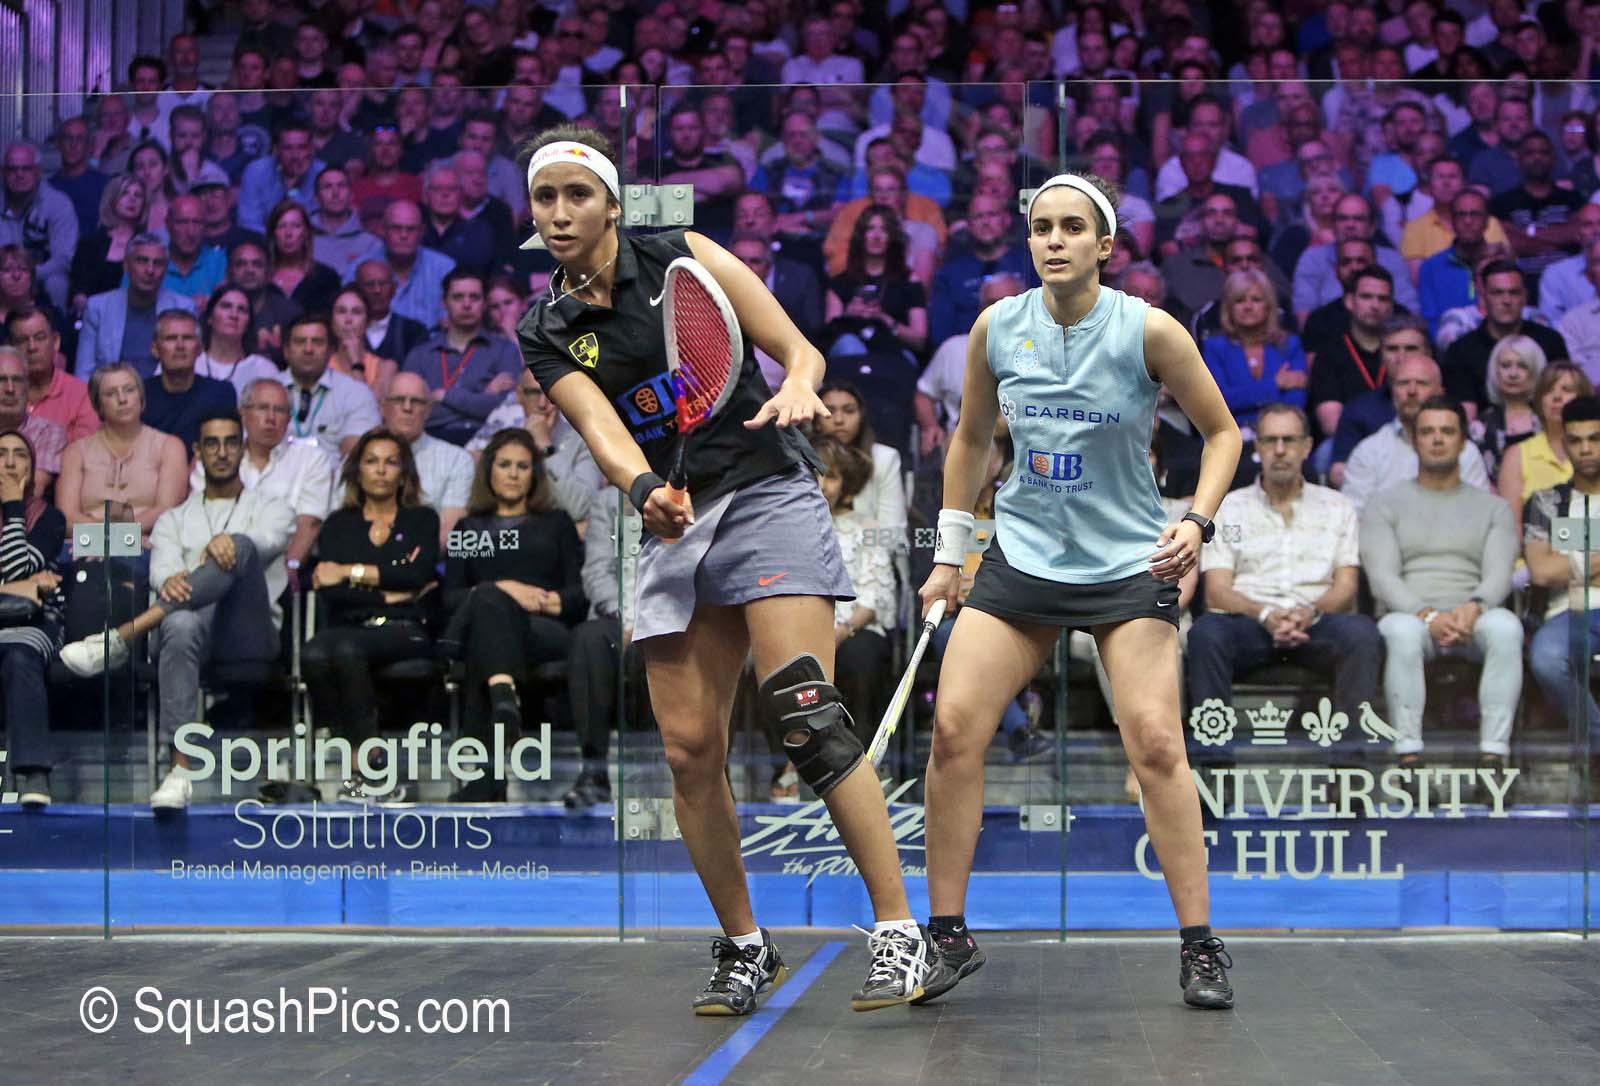 2019 allam british open  u2013 squashpics com